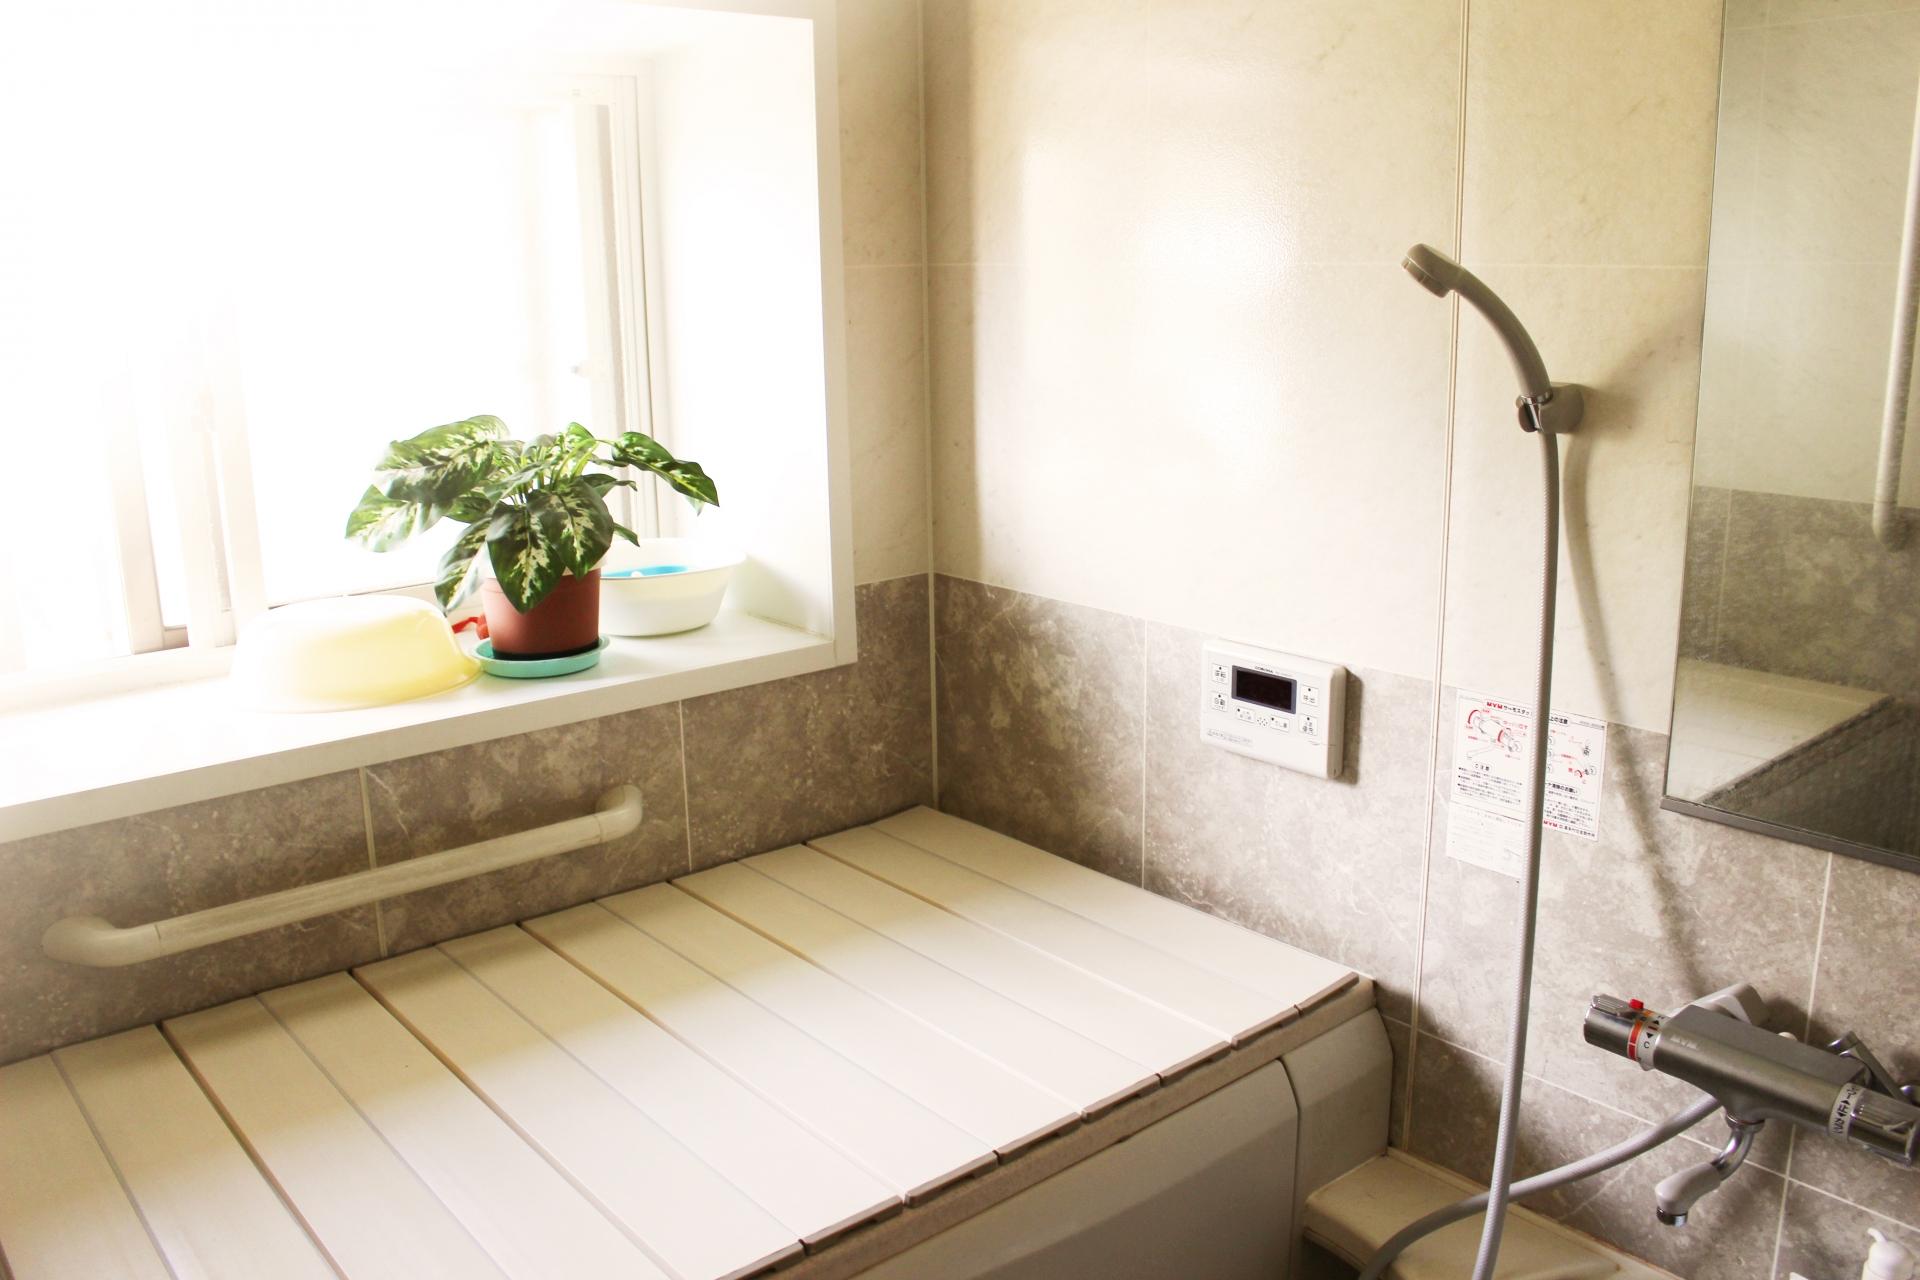 お風呂場のカビ予防